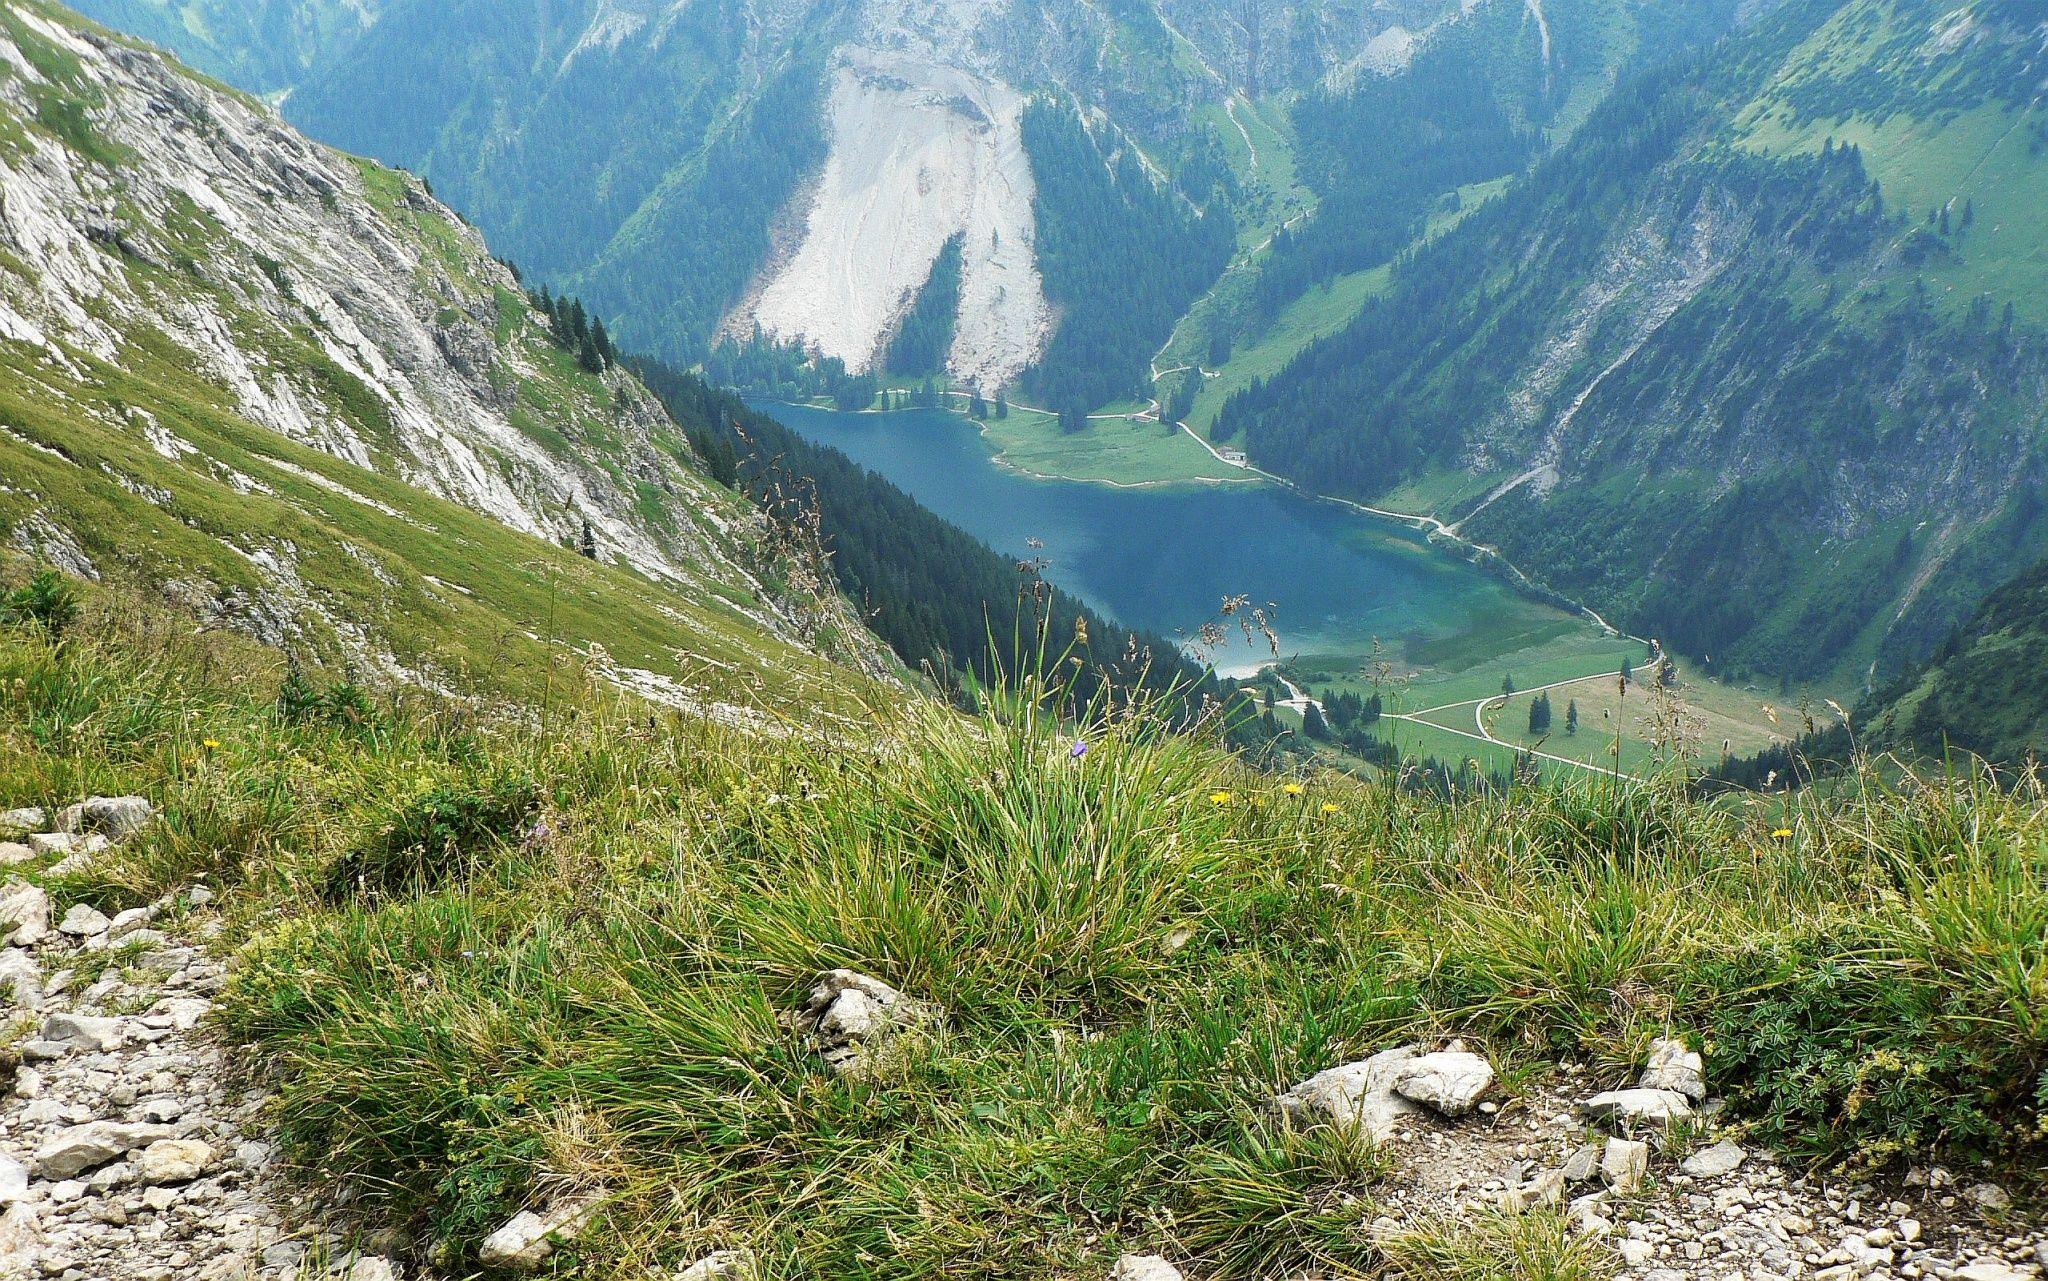 Blick Vilsalpsee vom Jubilaeumsweg - weitere Infos und Fotos: https://pagewizz.com/schrecksee-wandern-auf-jubilaeumsweg/